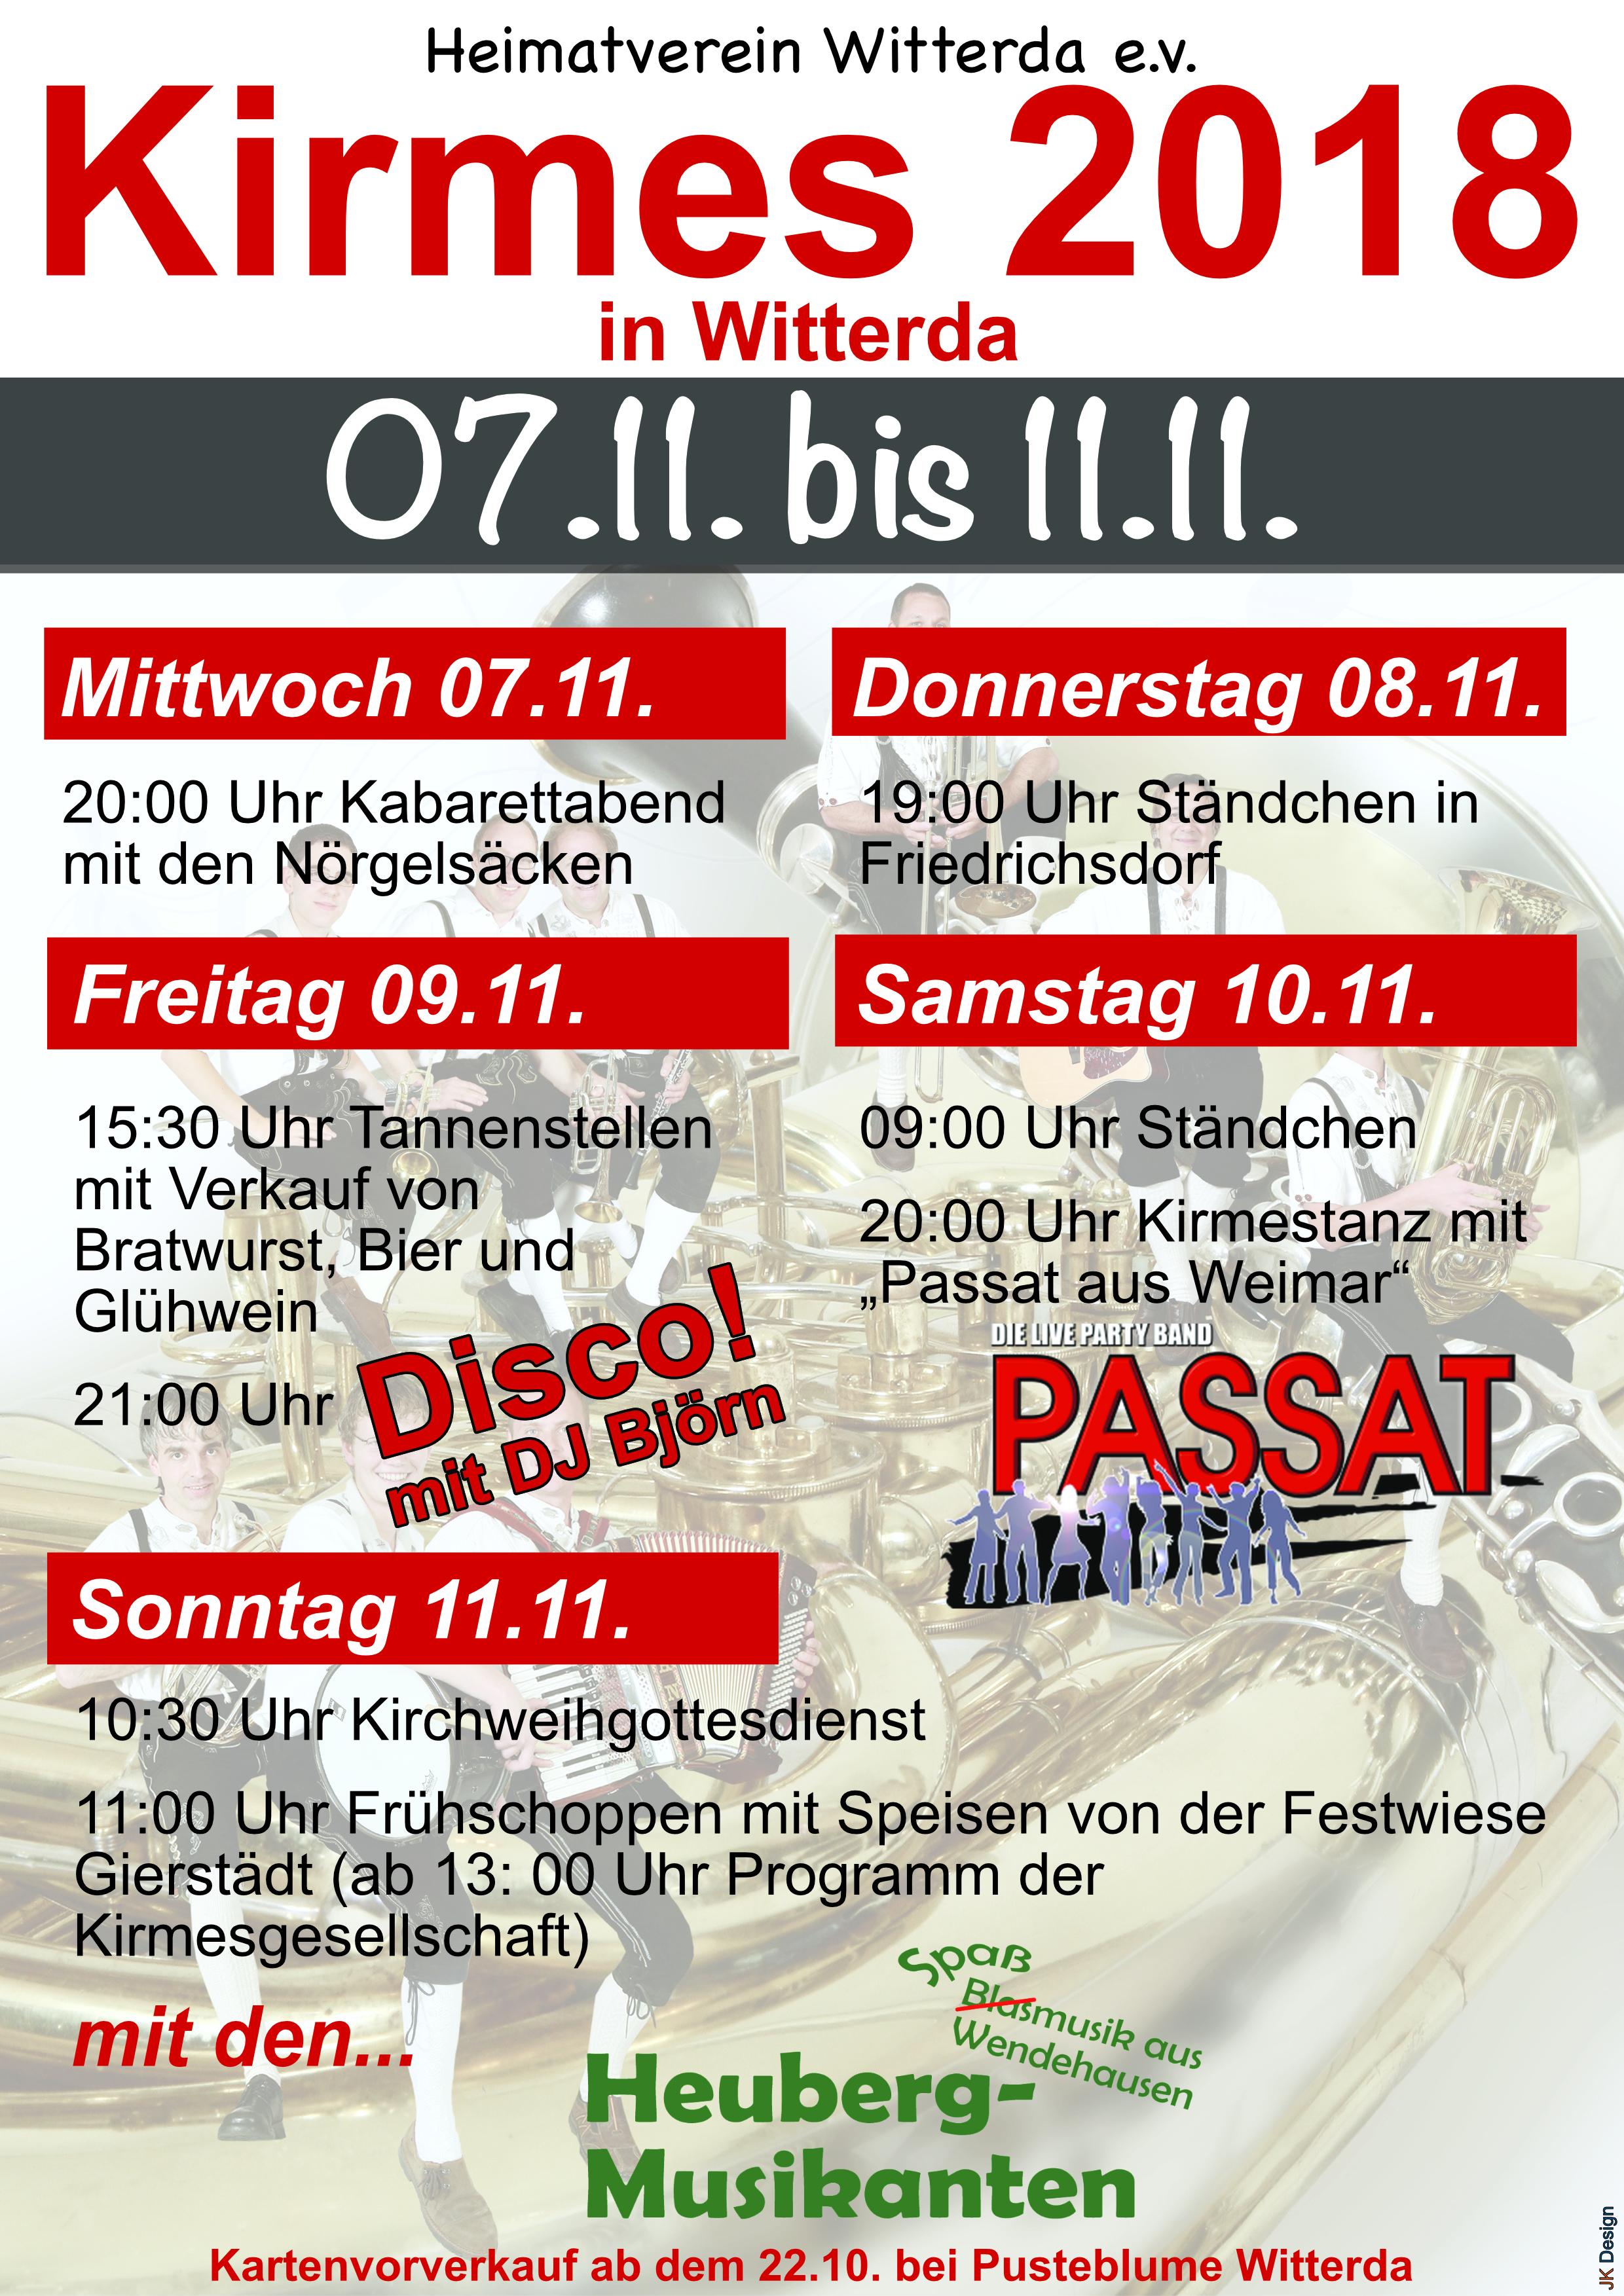 promo code 59cc1 6d977 Kirmes in Witterda | Heimatverein Witterda e.V.